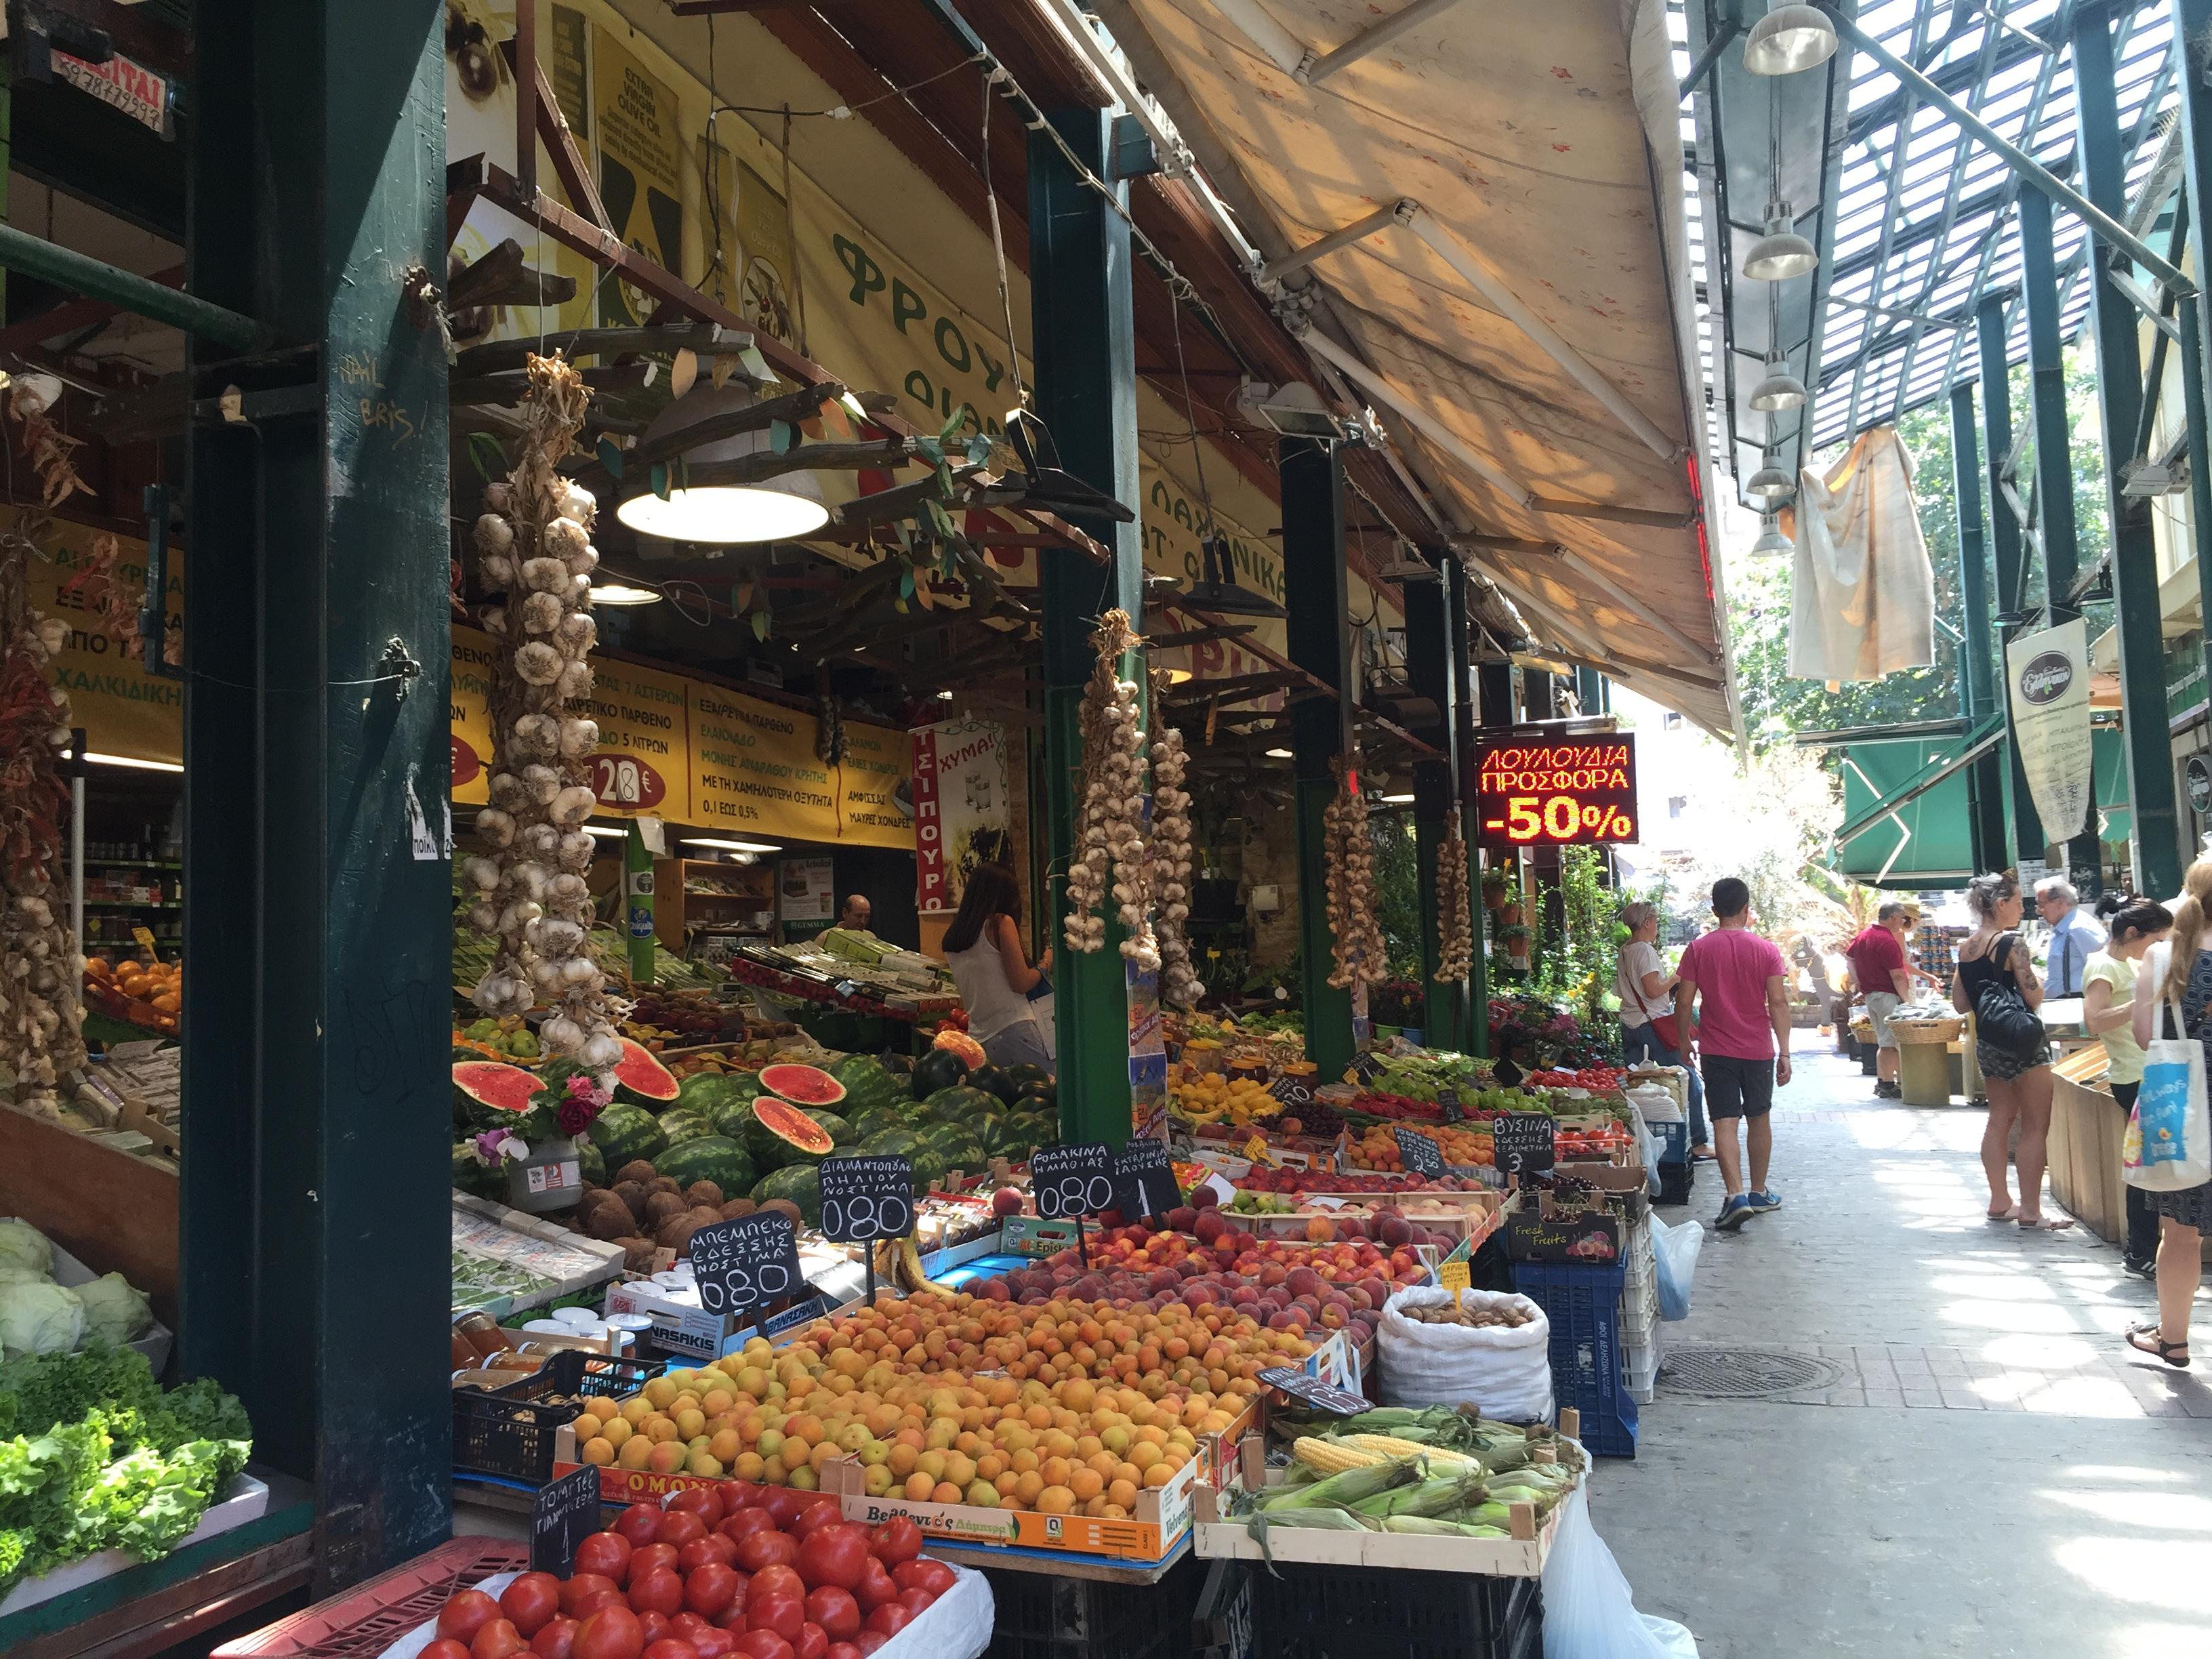 Thessaloniki market 2